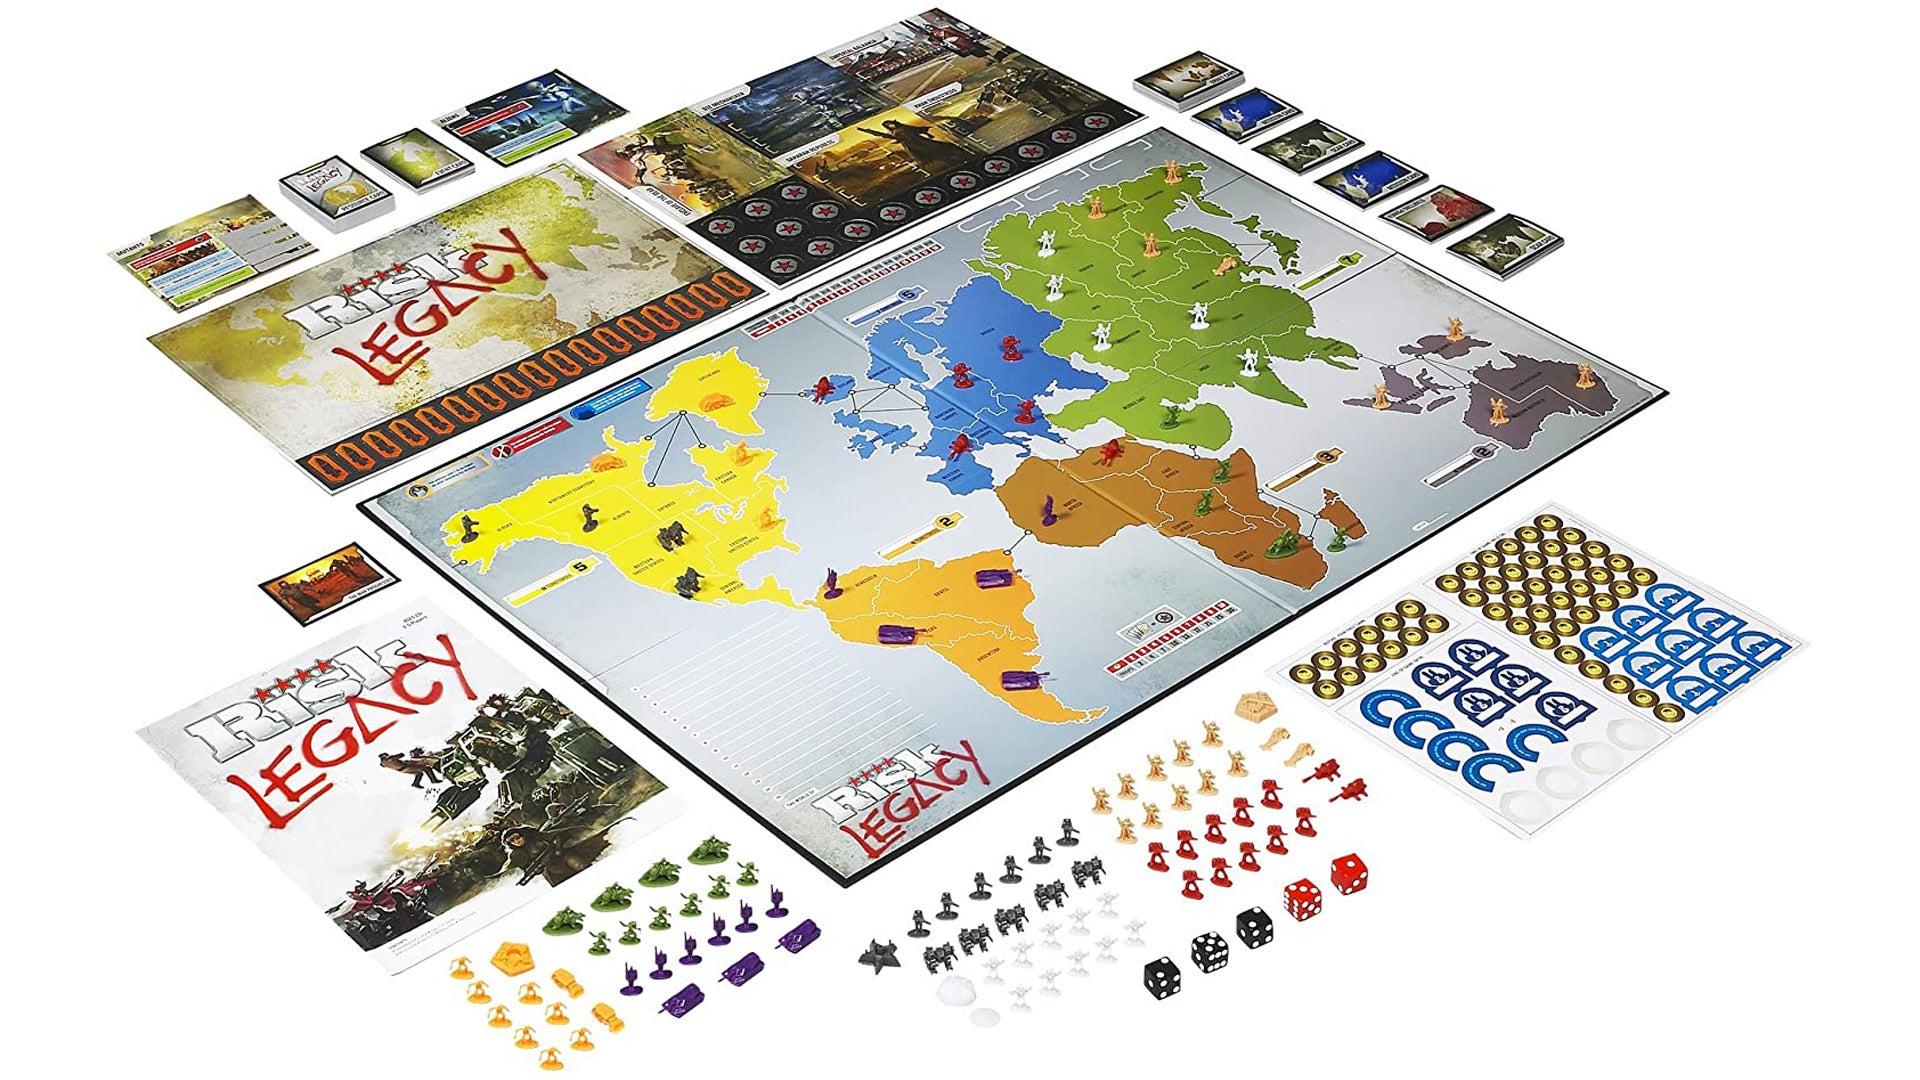 risk-legacy-board-game.jpg